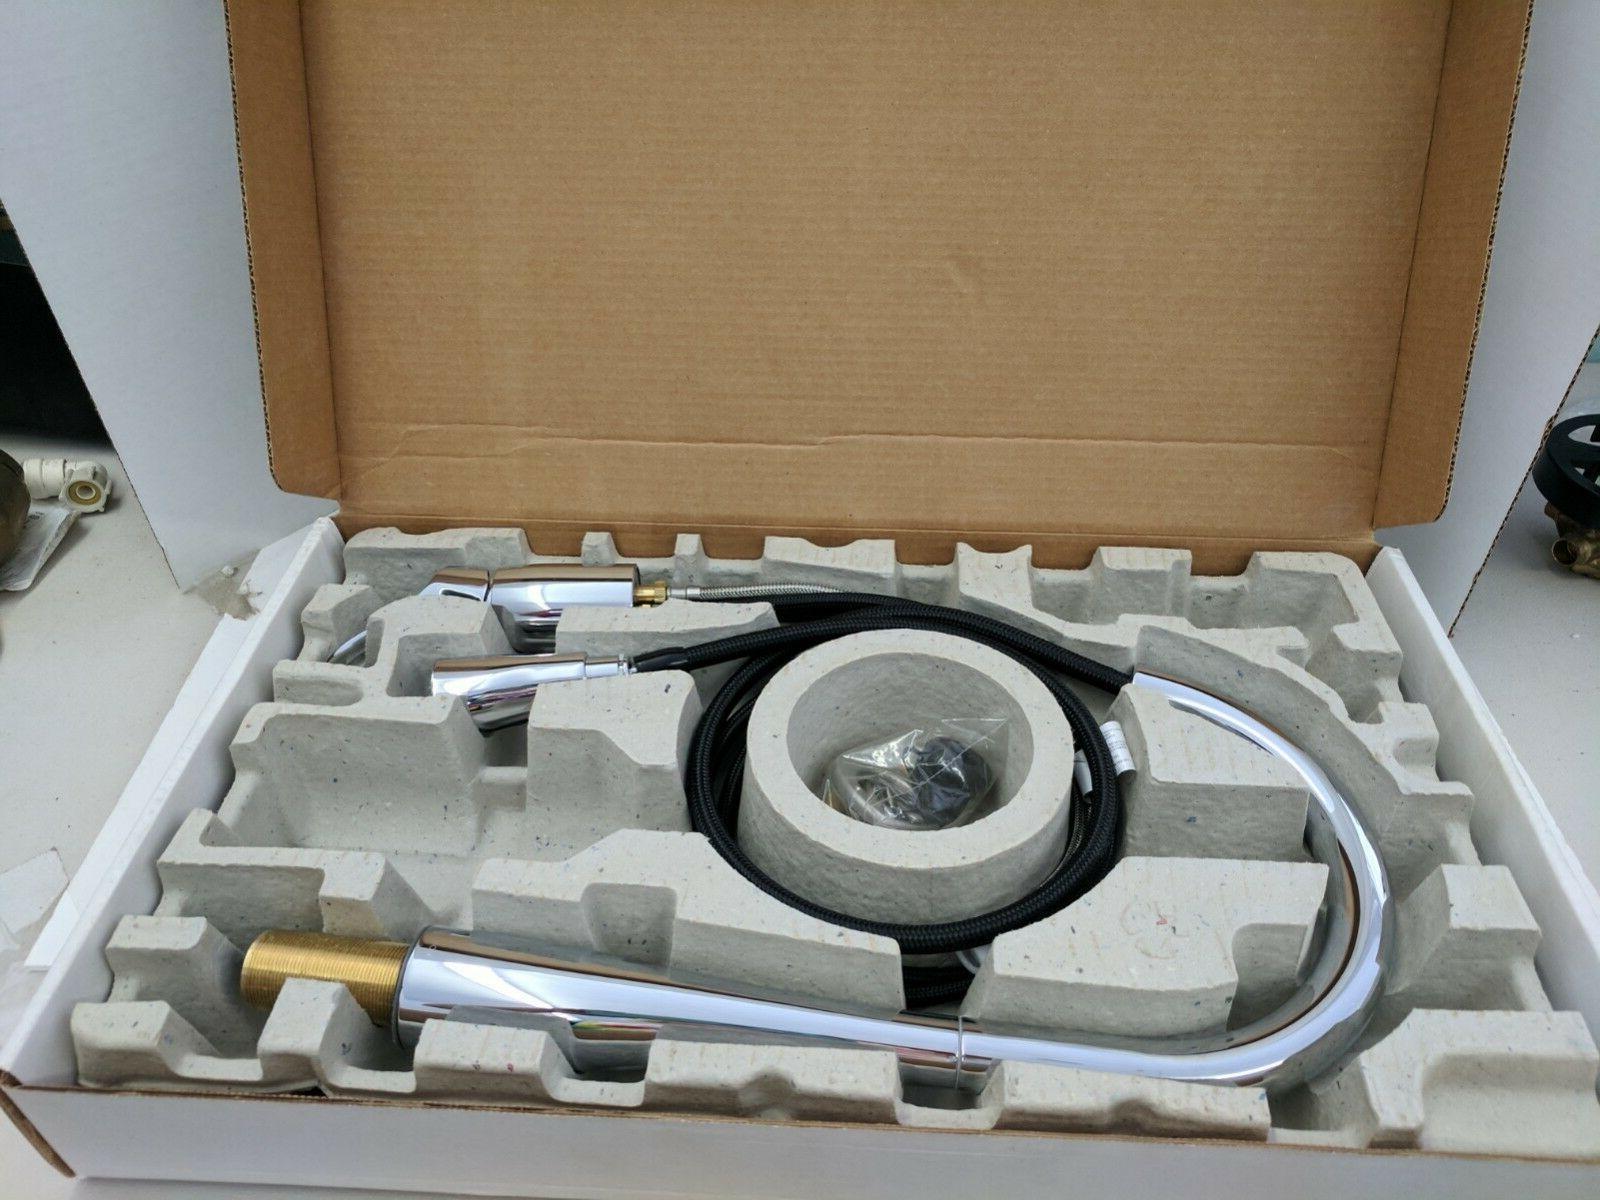 Kohler K-647-CP Simplice Faucet